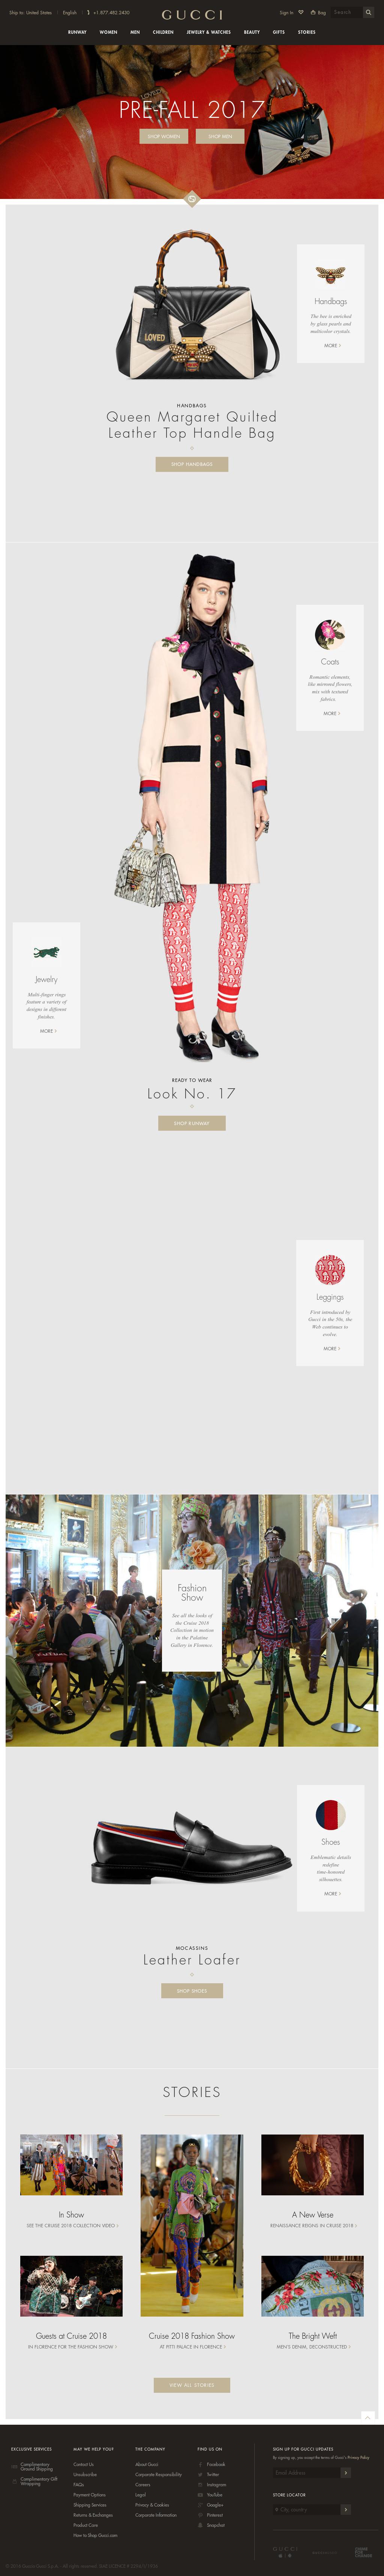 14e921fb Gucci Competitors, Revenue and Employees - Owler Company Profile